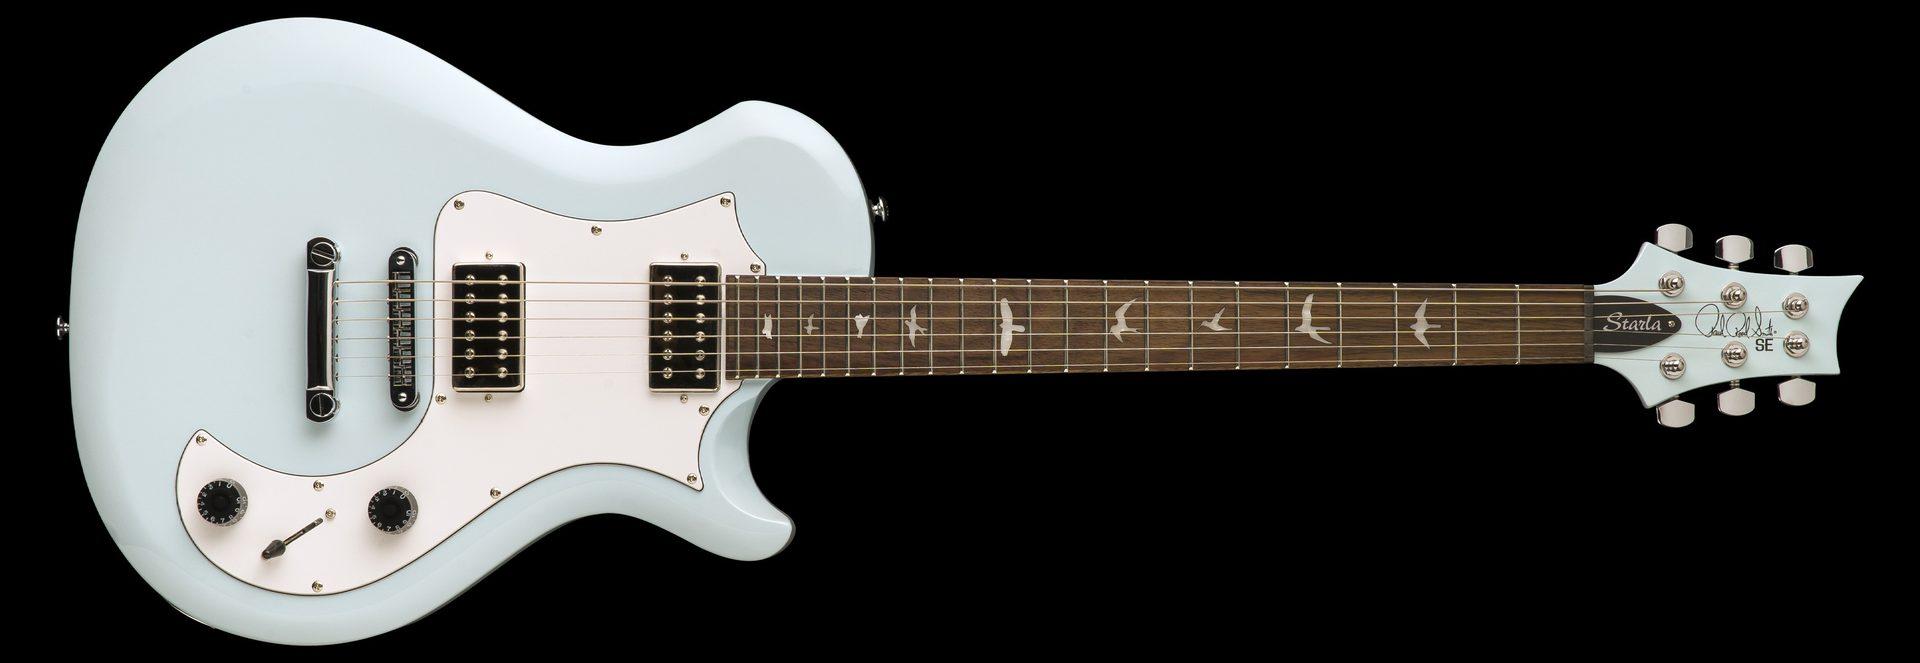 Powder Blue w/White Pickguard